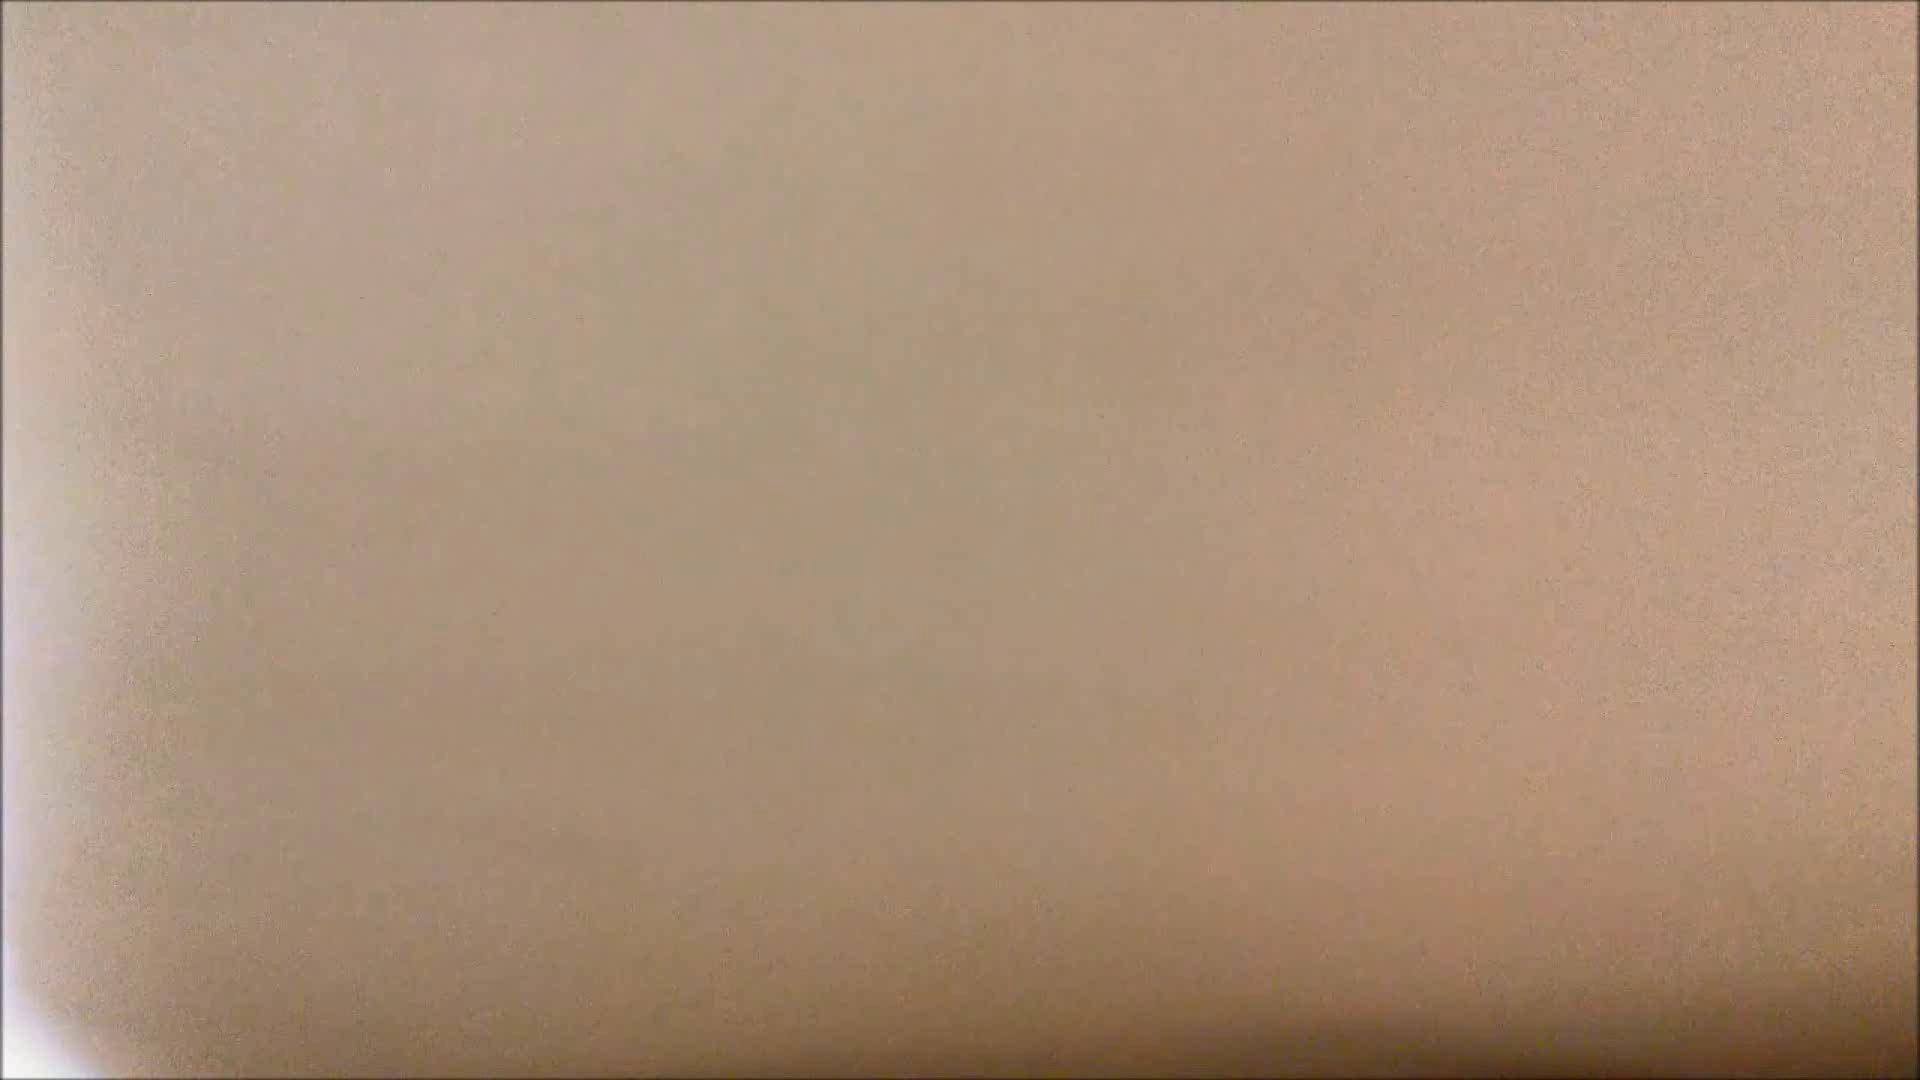 某有名大学女性洗面所 vol.16 投稿   丸見え のぞき 80画像 9